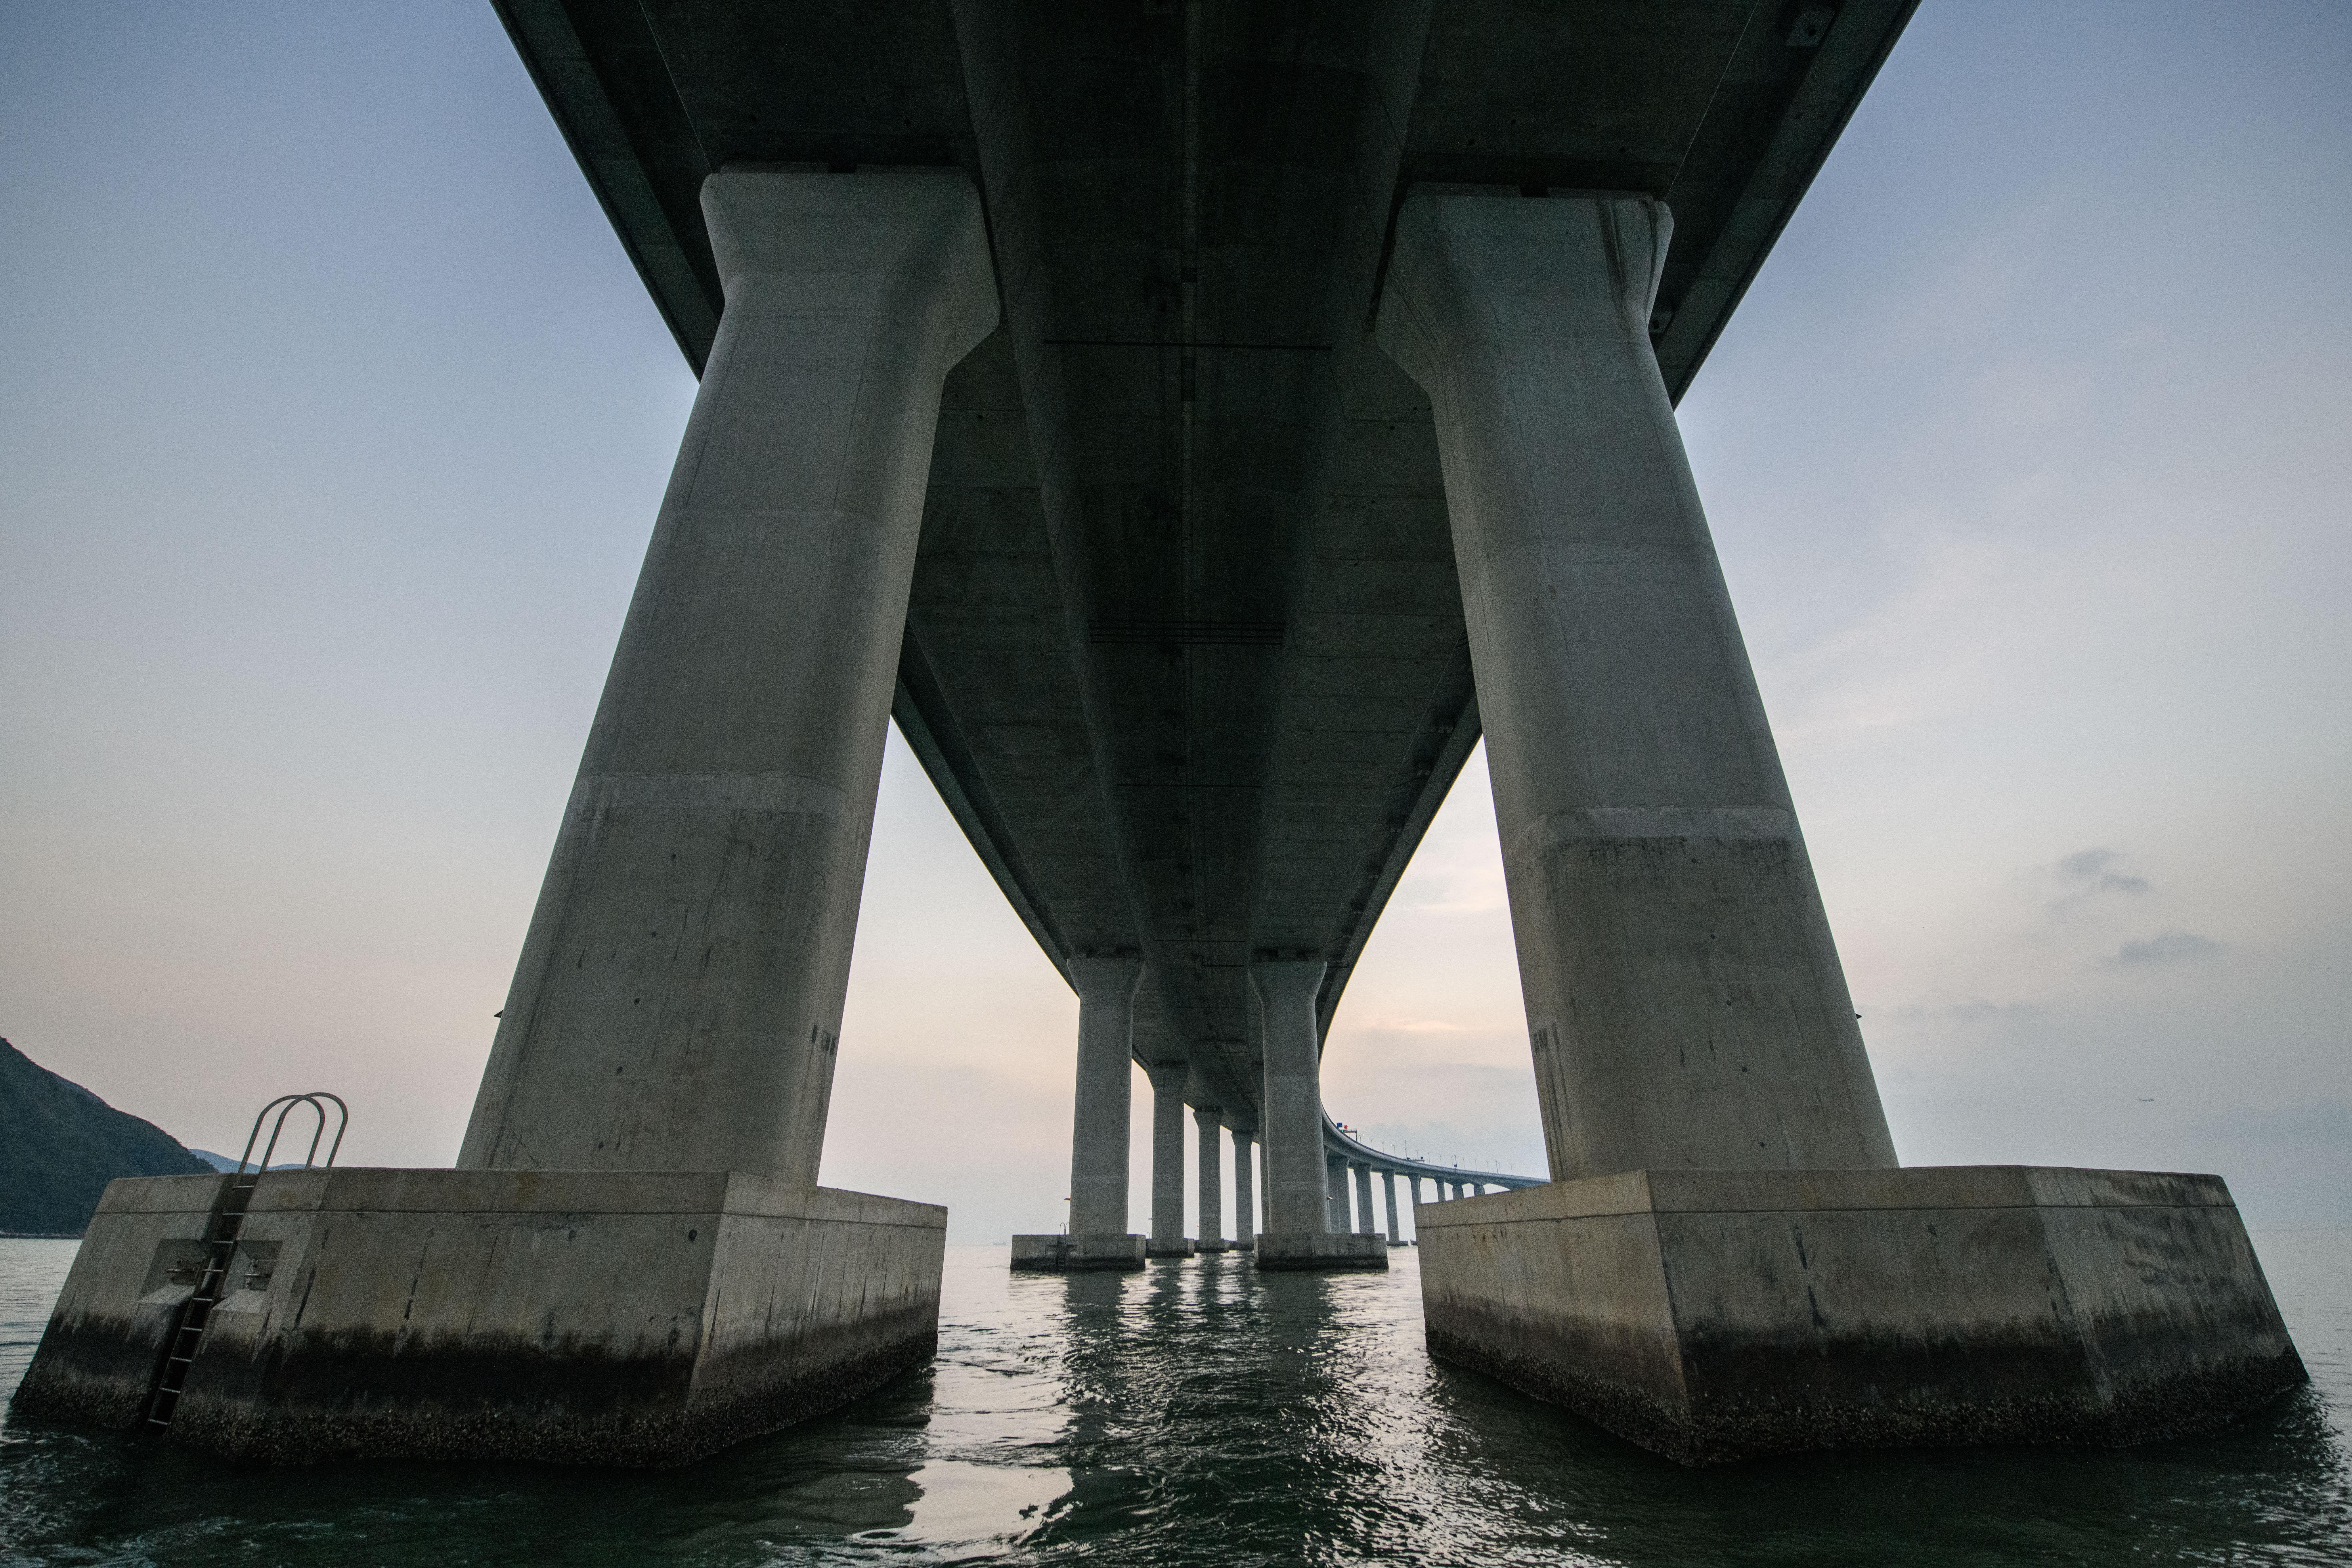 Hasta ahora, los habitantes de Hong Kong, Macao y Zhuhai, viajaban en barco entre estas tres ciudades. Entre Hong Kong y Macao existen más de 150 conexiones diarias. Los ingenieros del puerto aseguran que la obra permitirá reducir considerablemente el tiempo del trayecto entre Hong Kong y Zhuhai de cuatro horas a 45 minutos